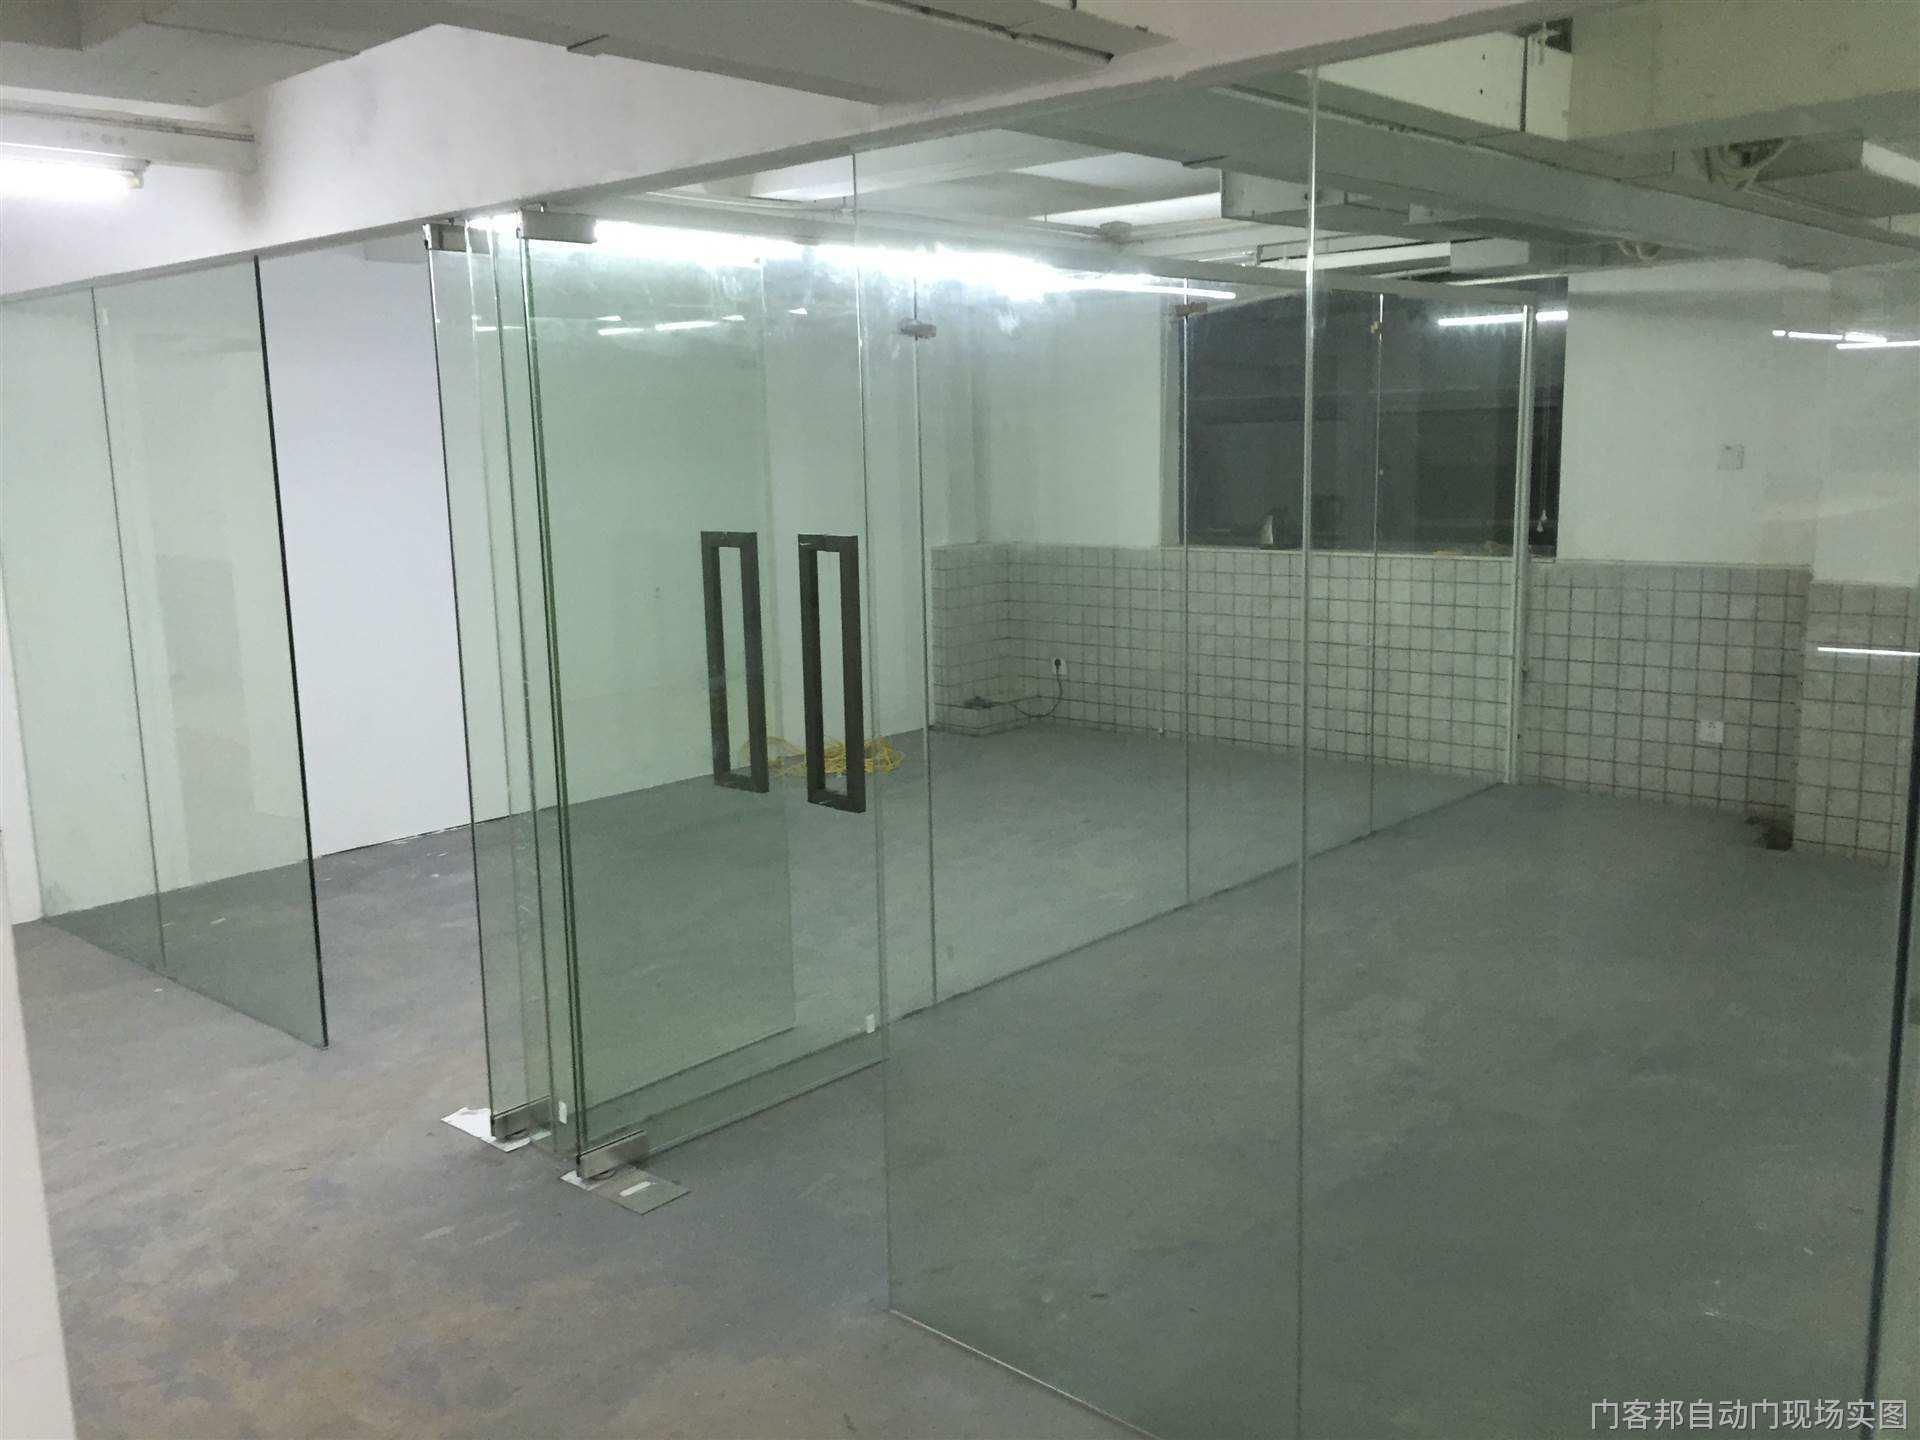 有框玻璃如何换地弹簧,成都上门维修玻璃地弹簧